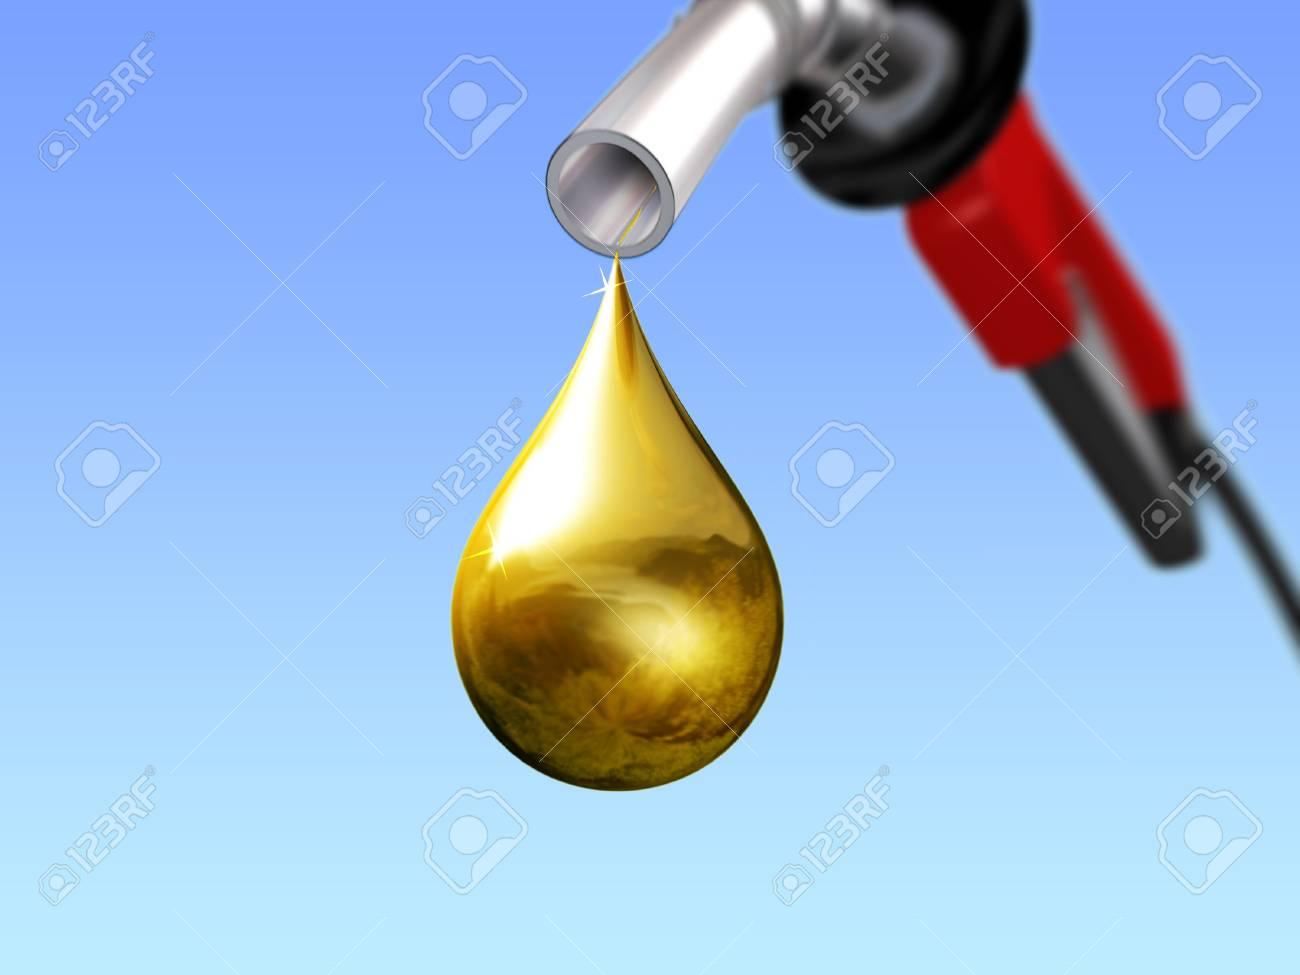 Liquid Gold - 3134209